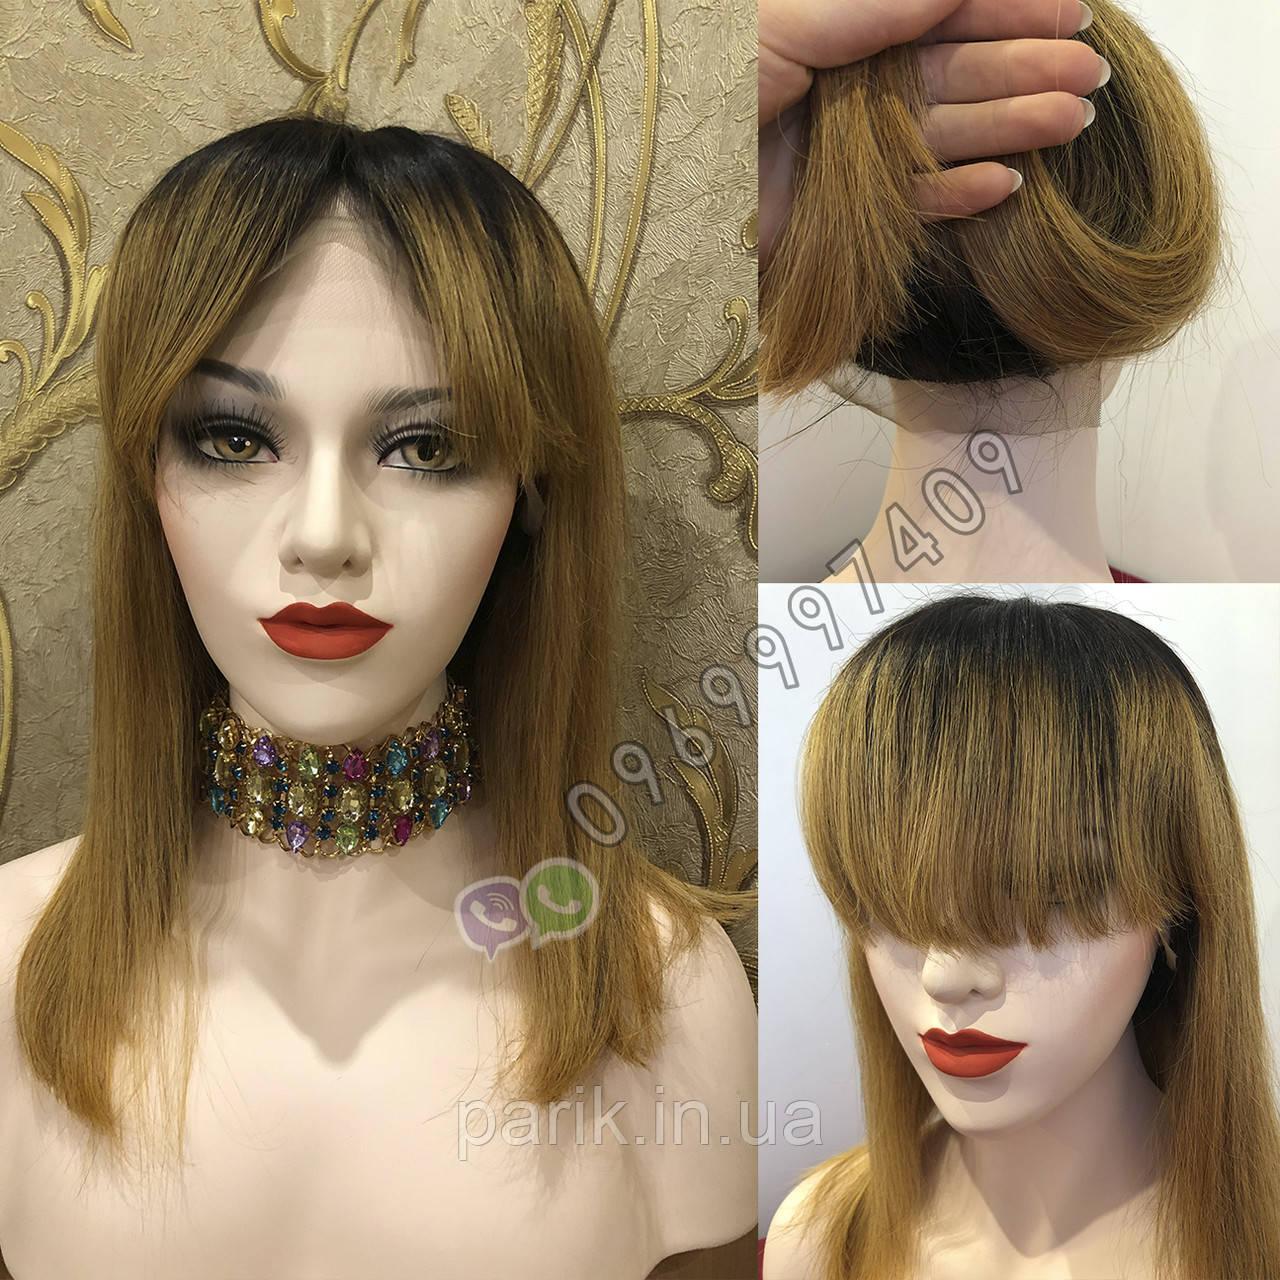 ✨🧡 Натуральный парик с чёлкой отросшими корнями, удлинённое каре 🧡✨